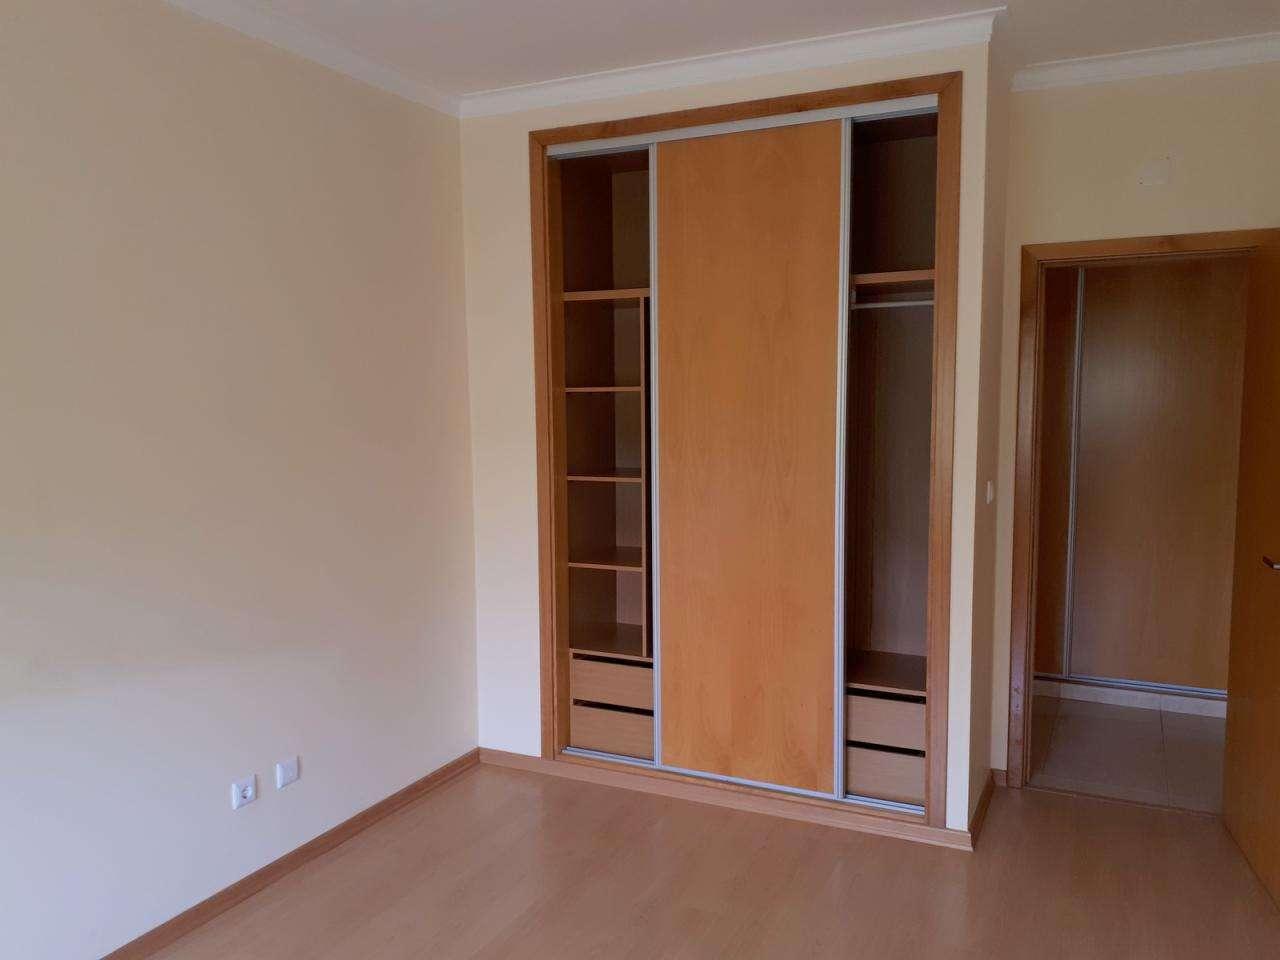 Apartamento para comprar, Sapataria, Lisboa - Foto 6